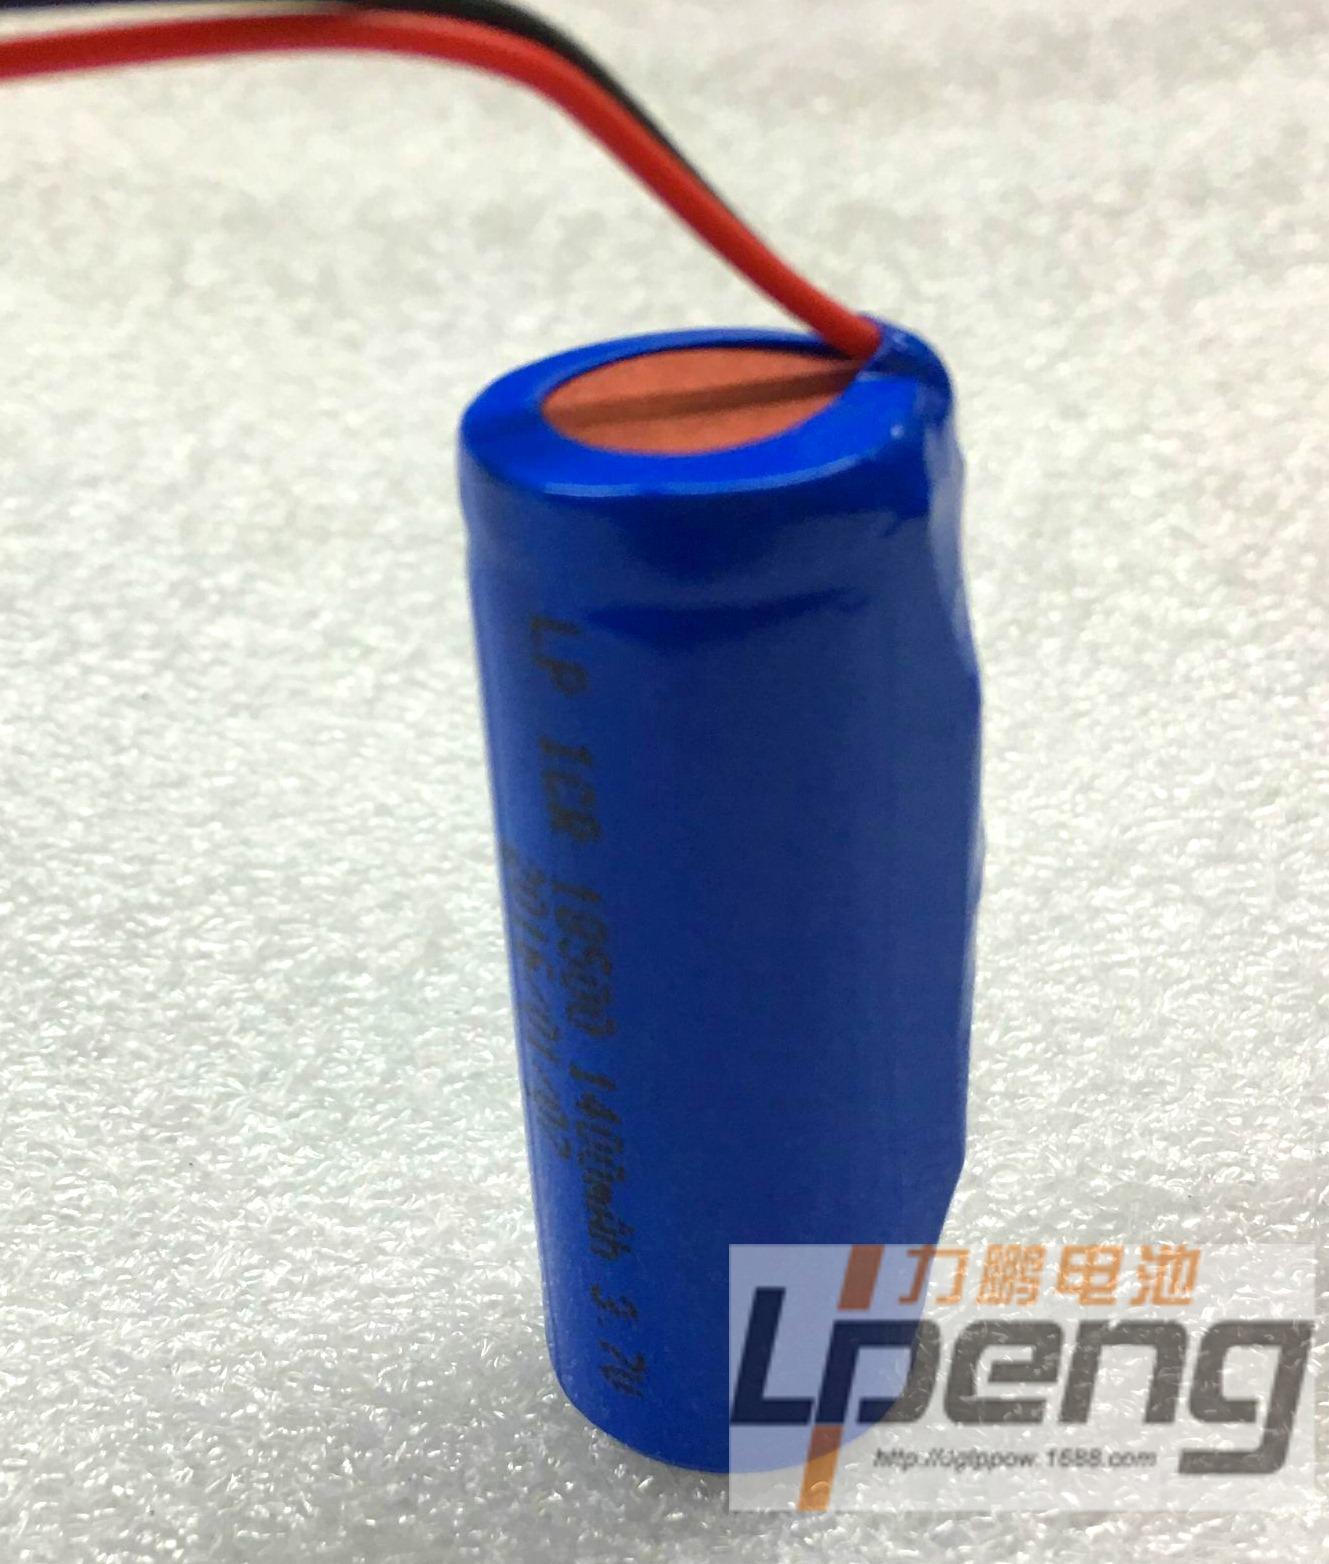 充电头灯18500锂电池1400MAH 3.7v带保护板带线手电筒 4